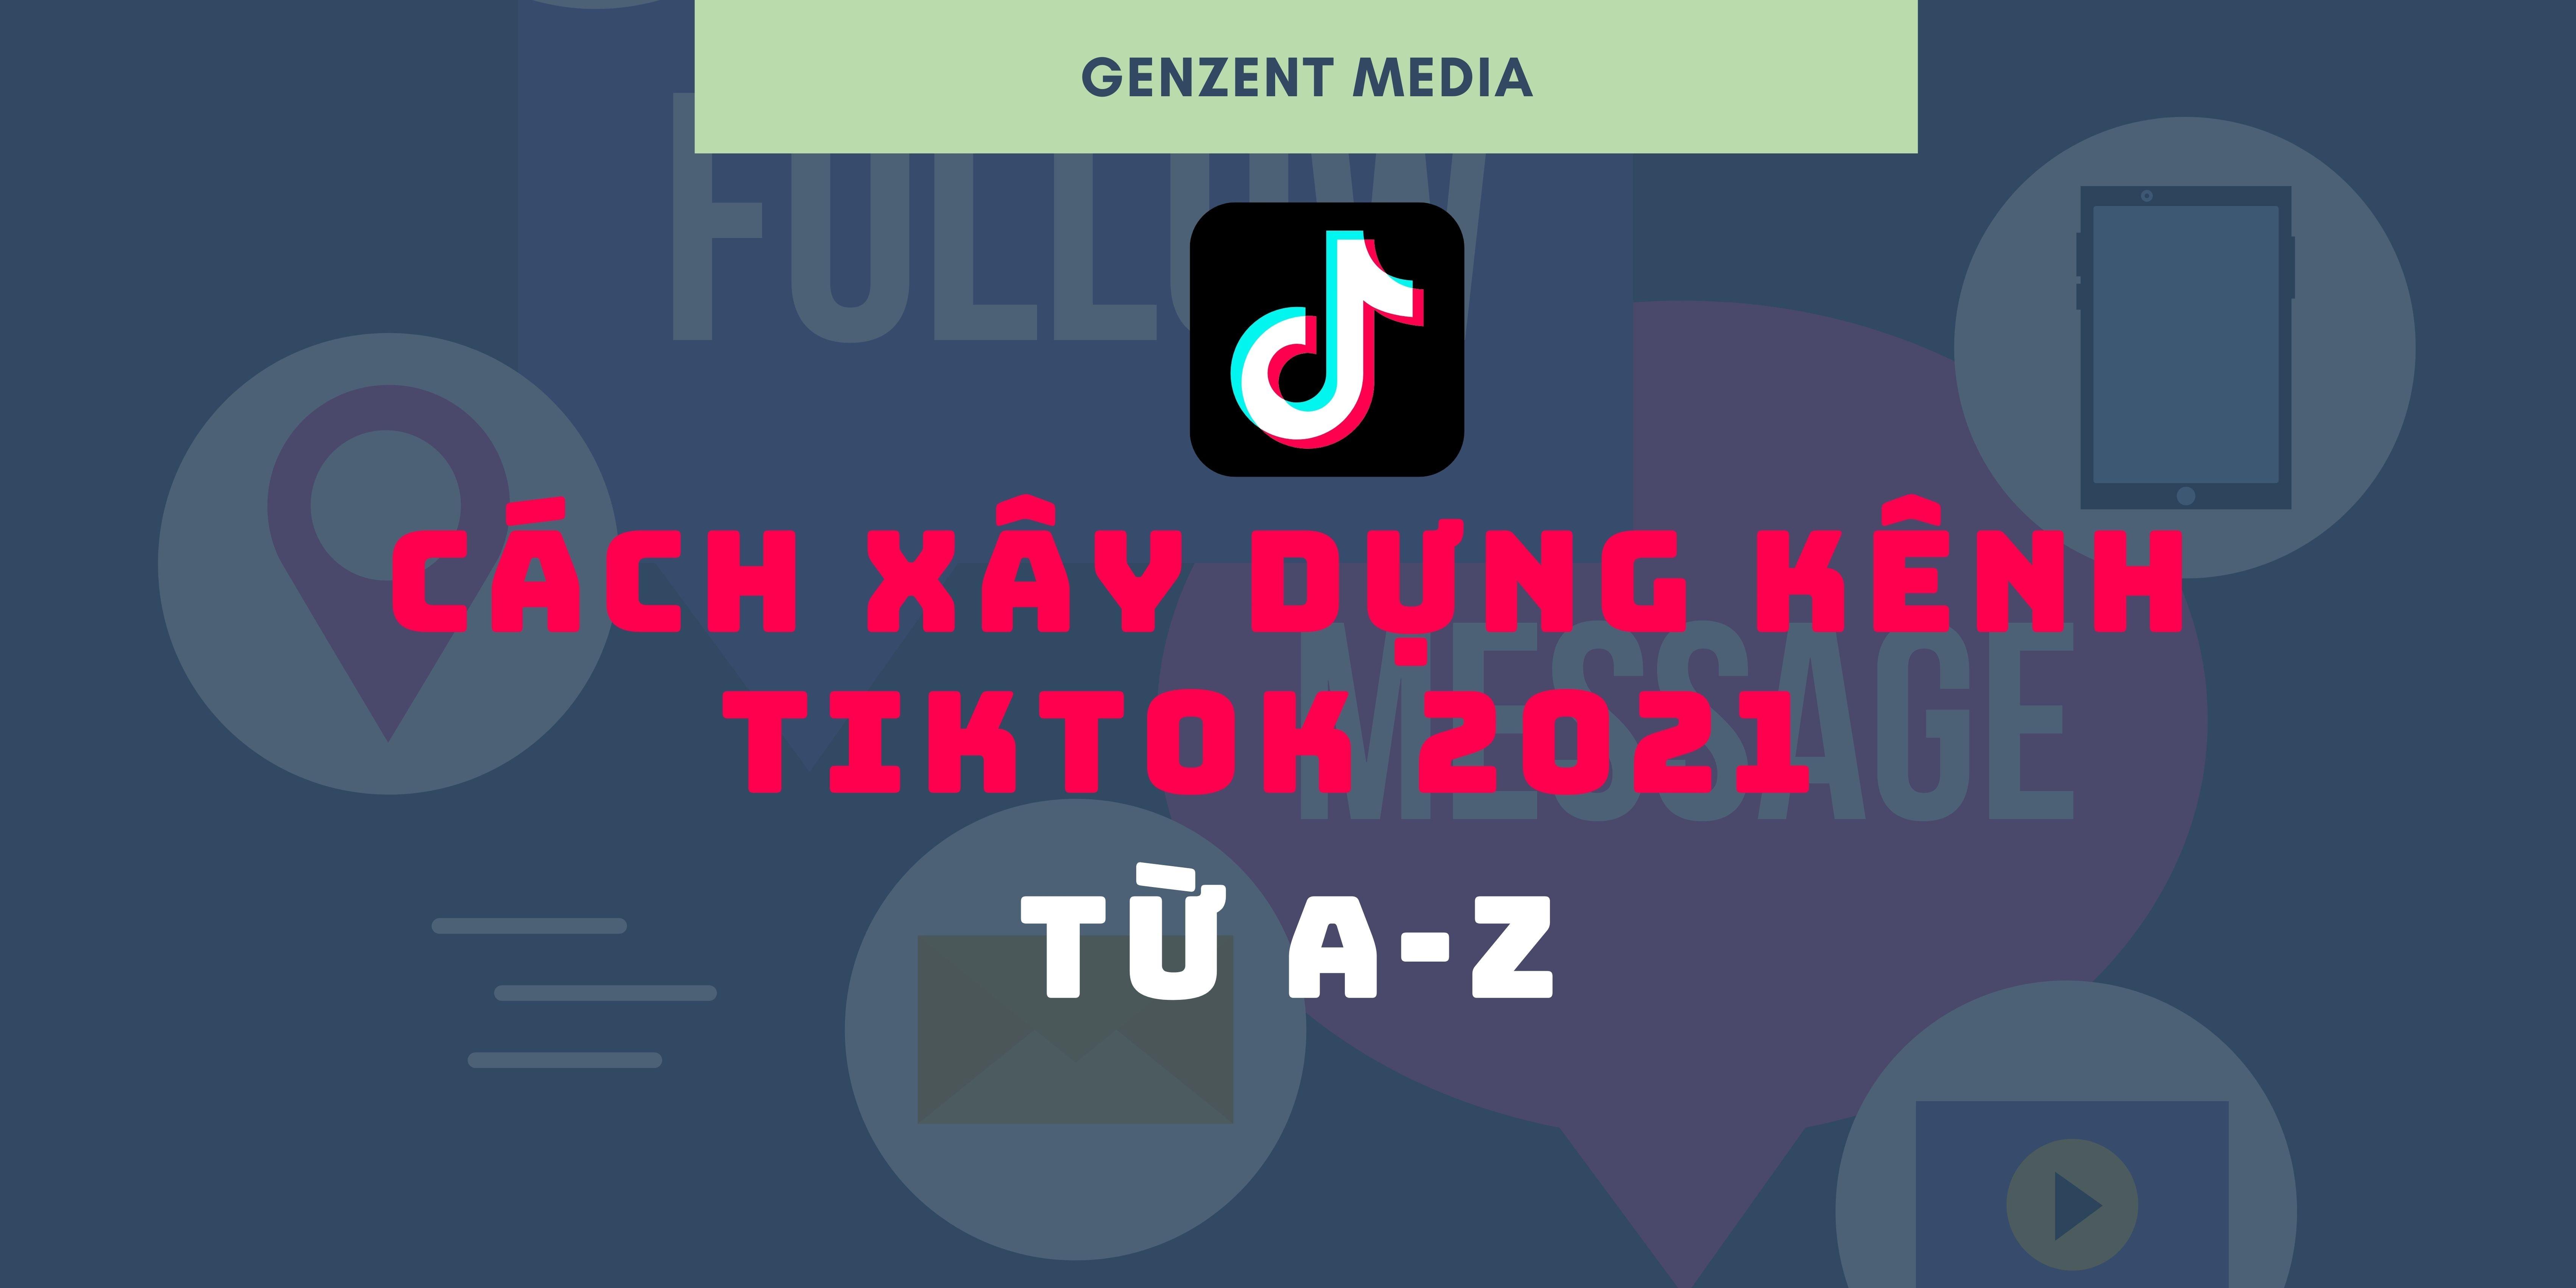 genzent-media-1-1626582170.jpg